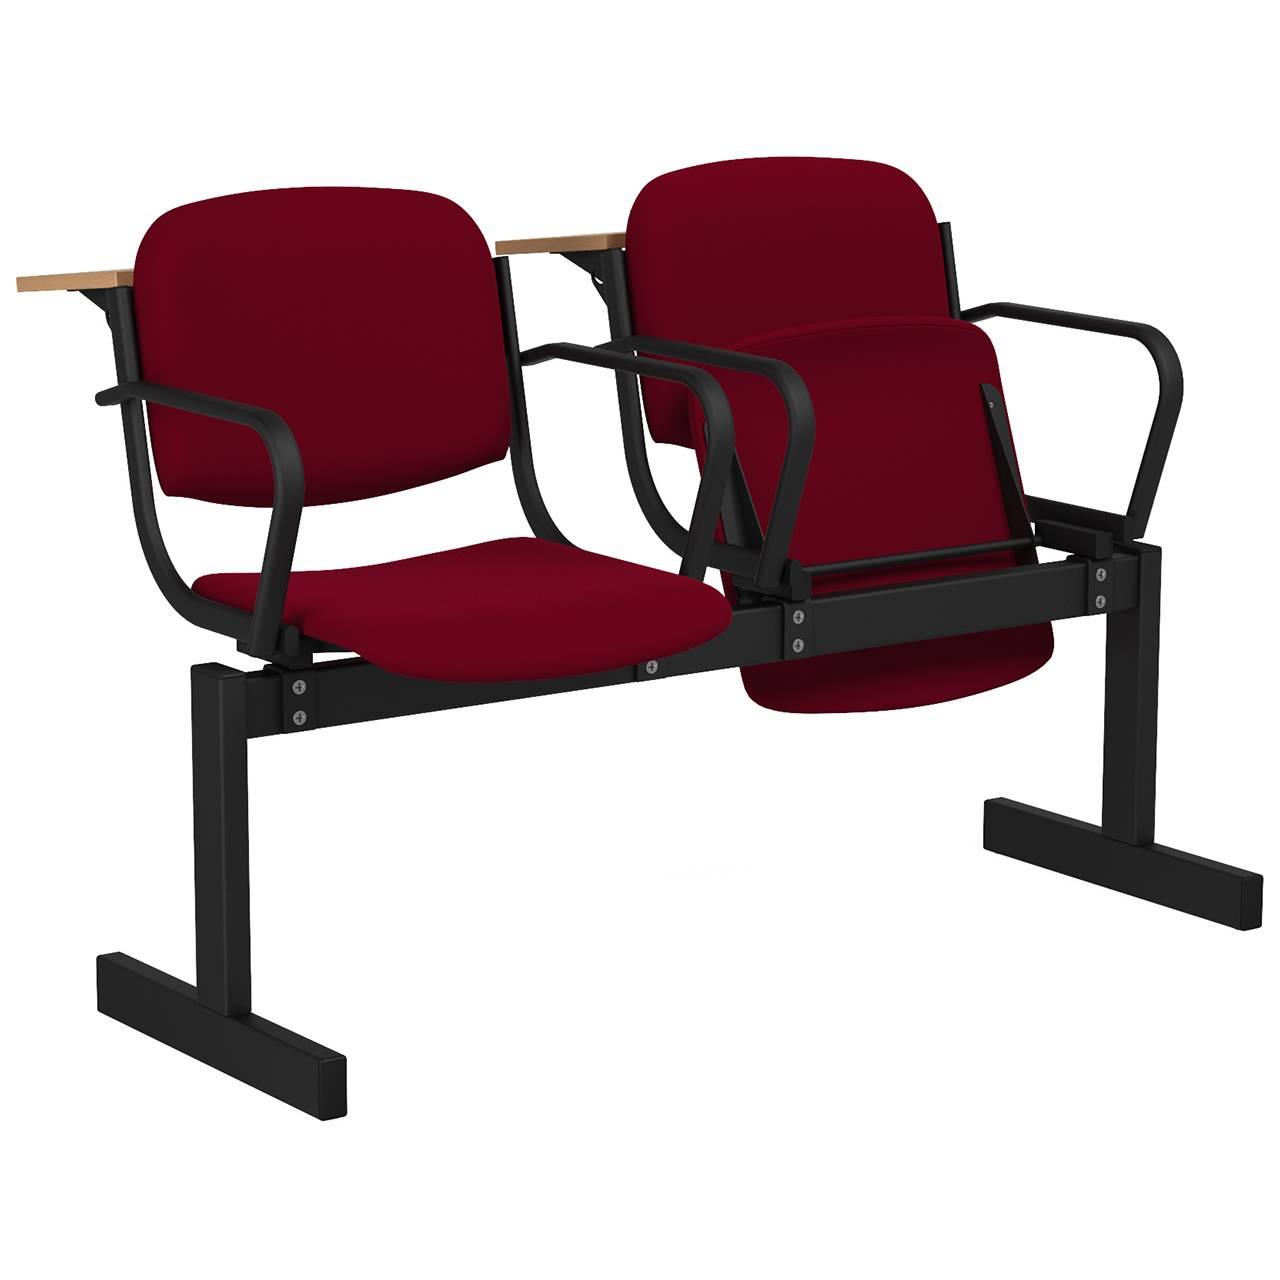 2-местный, откидывающиеся сиденья, мягкий, подлокотники, лекционный черный бордо Флок